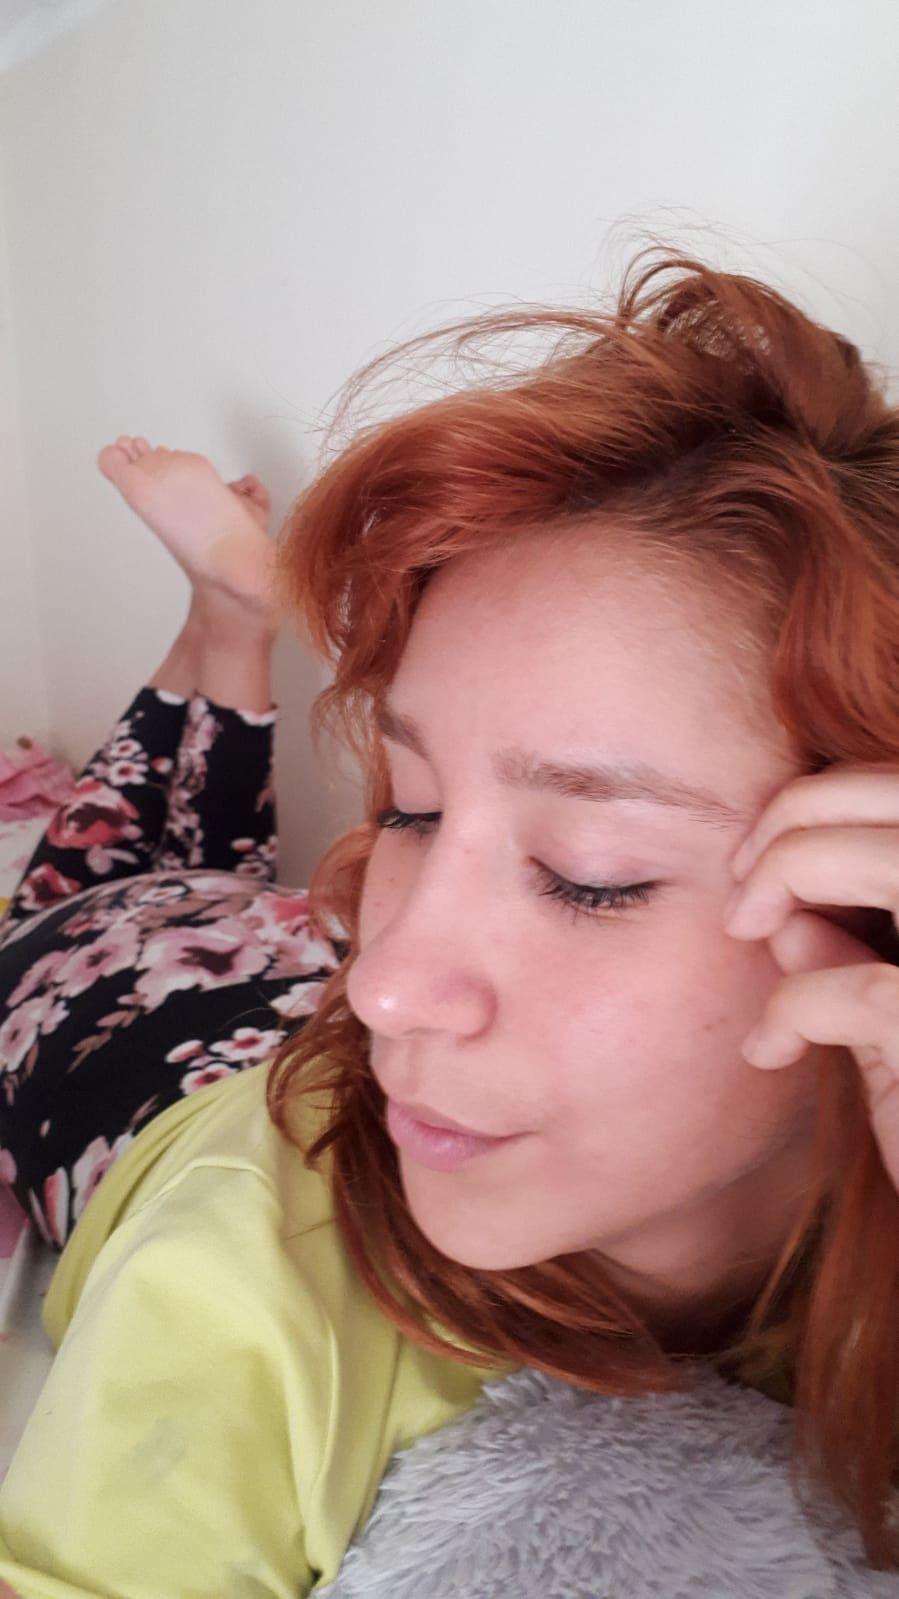 Miriam Lara y su pack de videos íntimos. 2